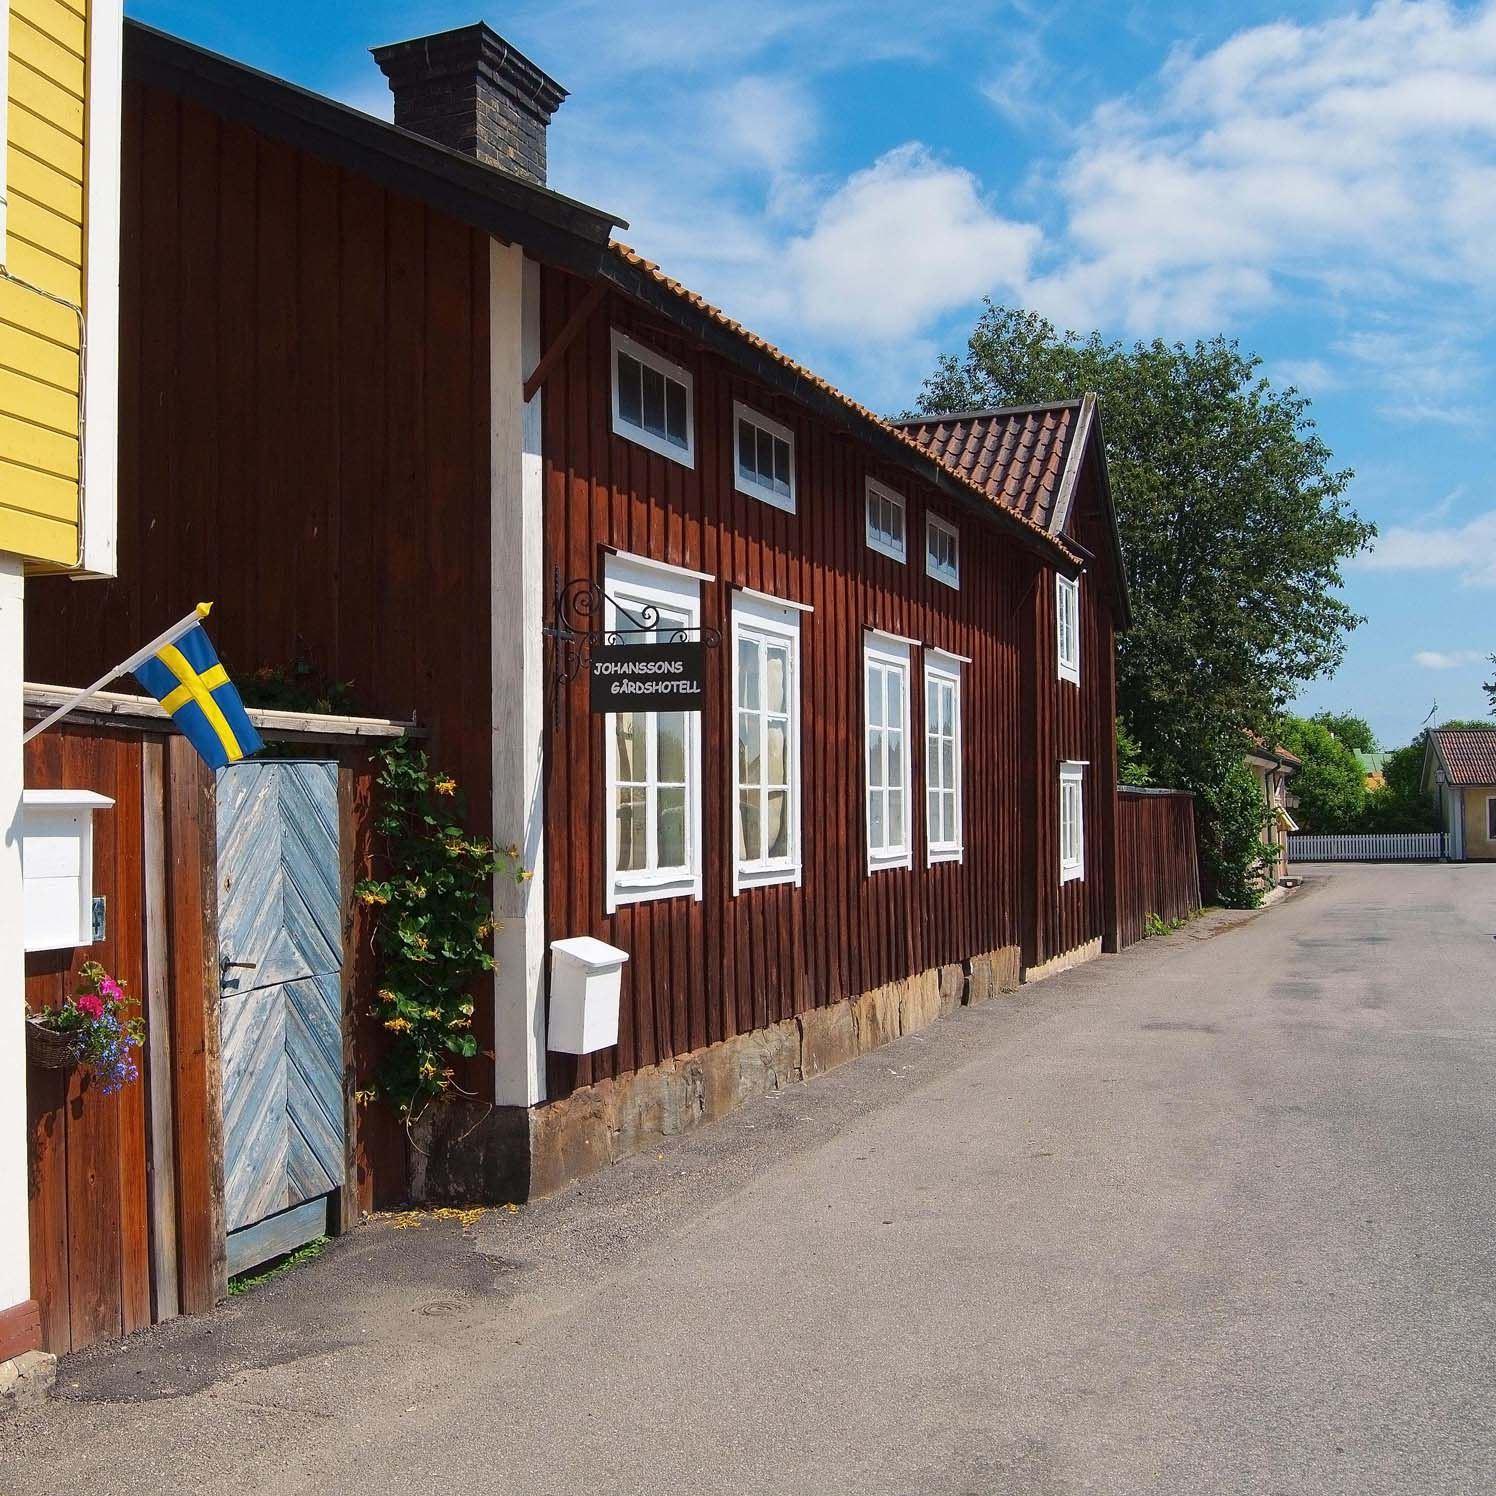 Johanssons Gårdshotell, Östhammar